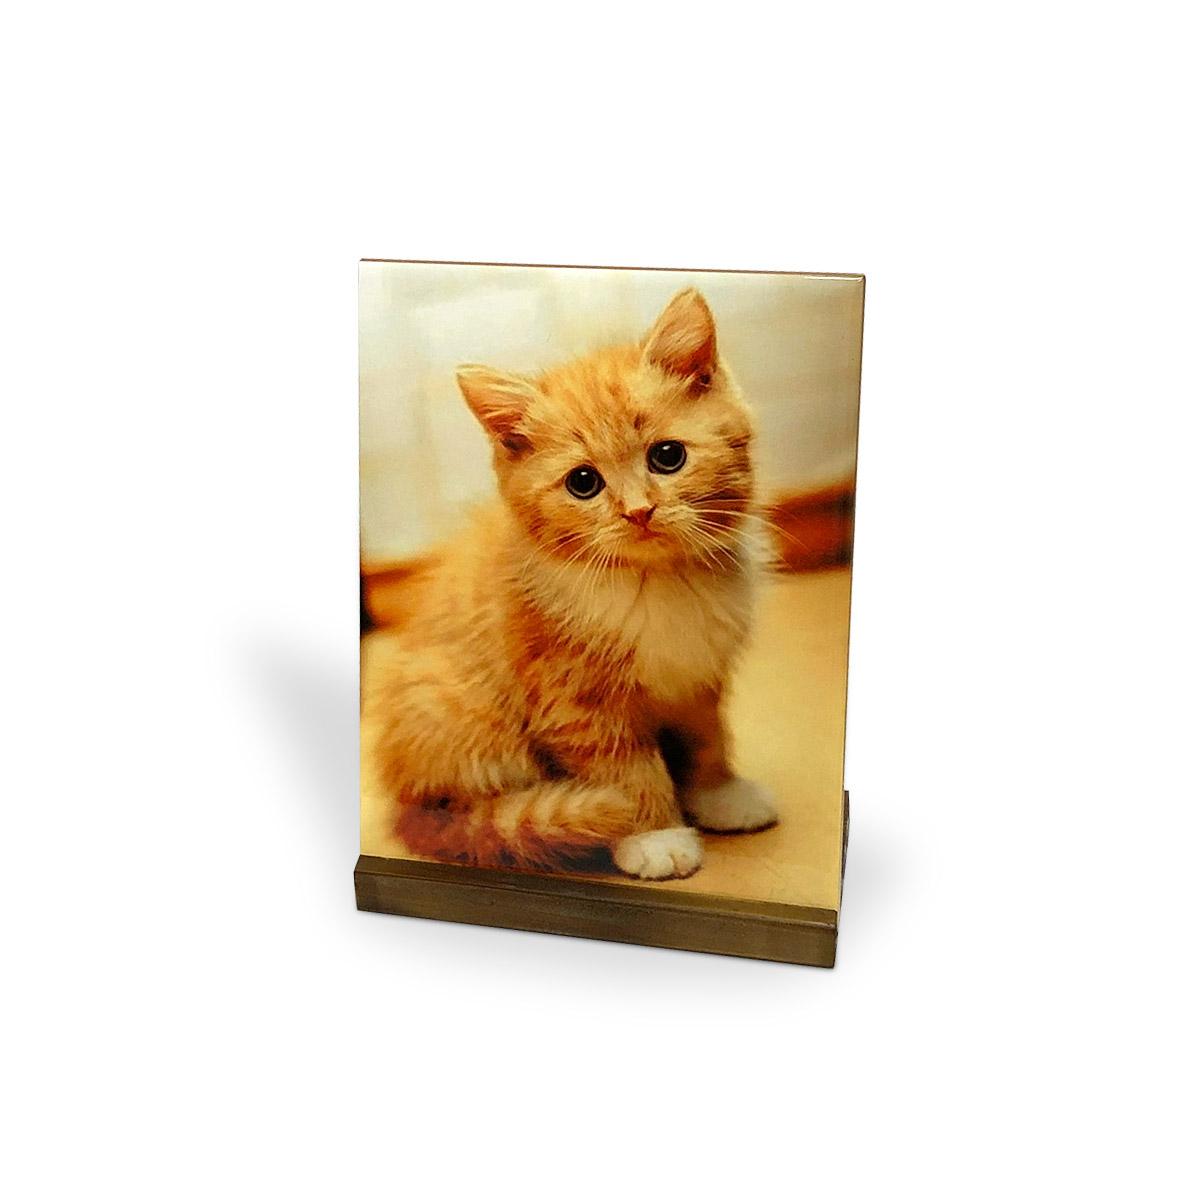 Azulejo Decorativo Gato Cat Love 20x15